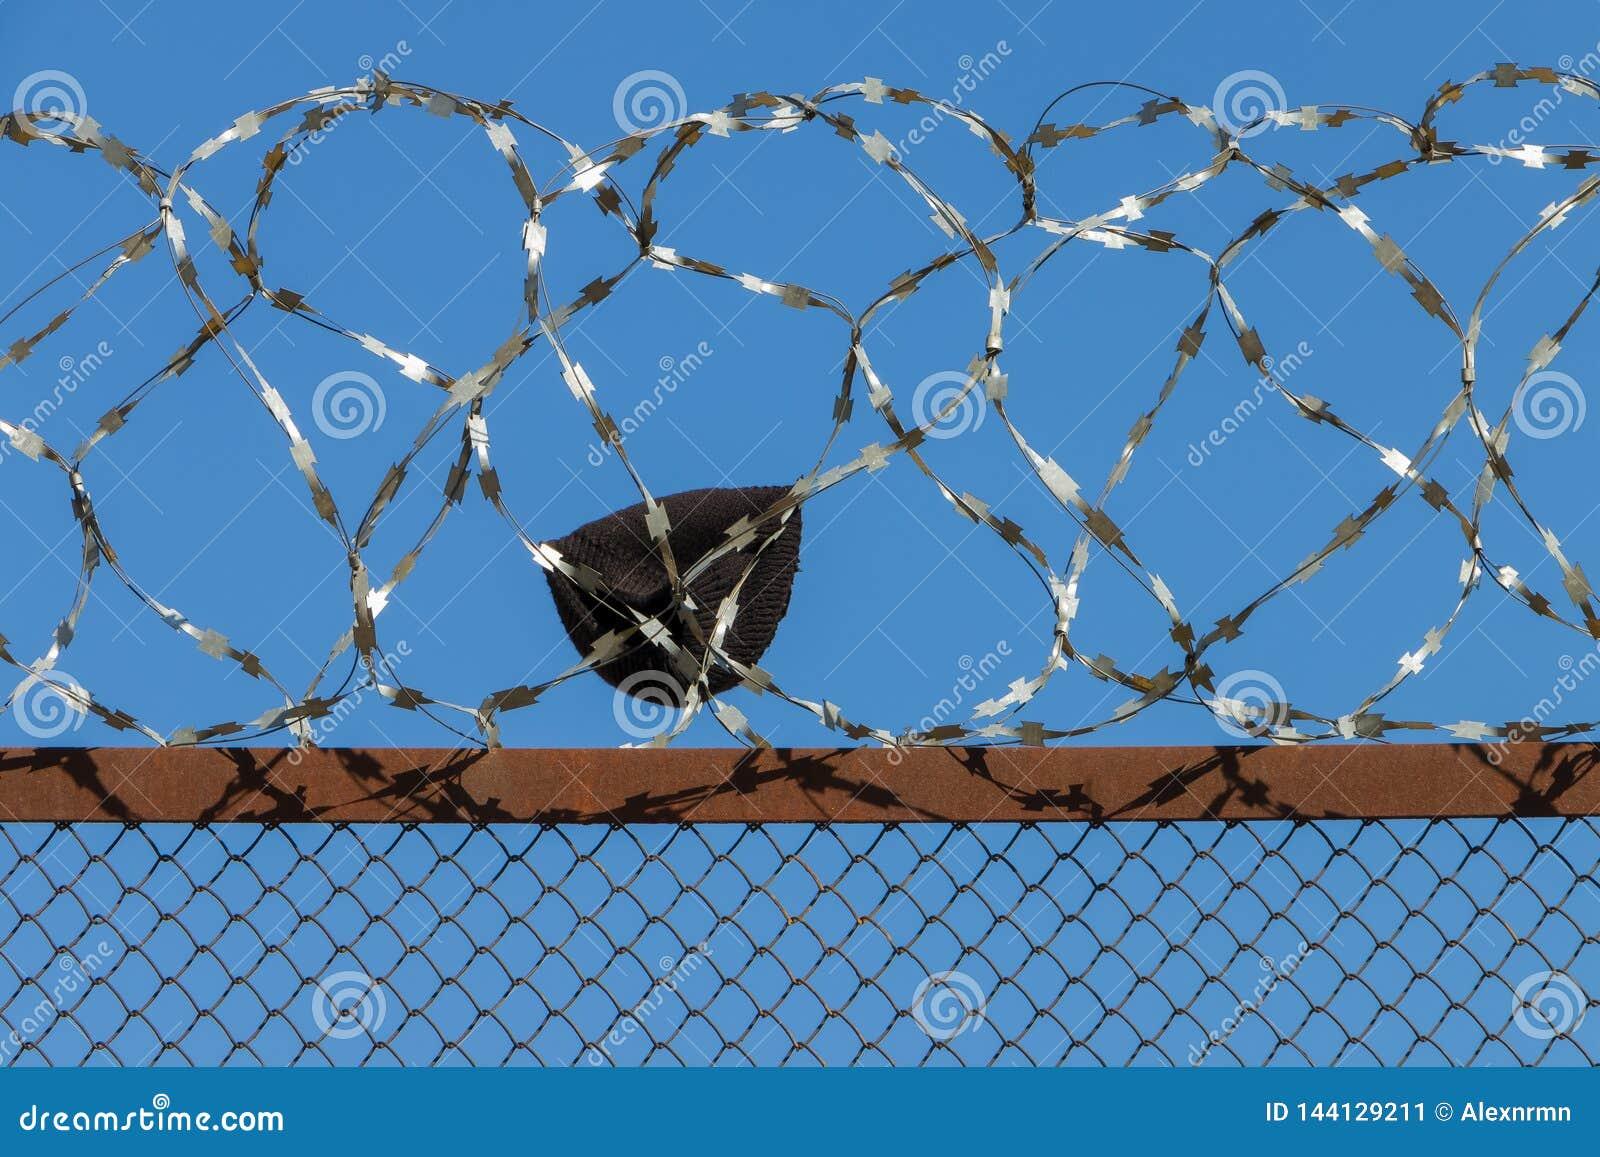 Un fragmento de la ropa en la cerca con alambre de p?as